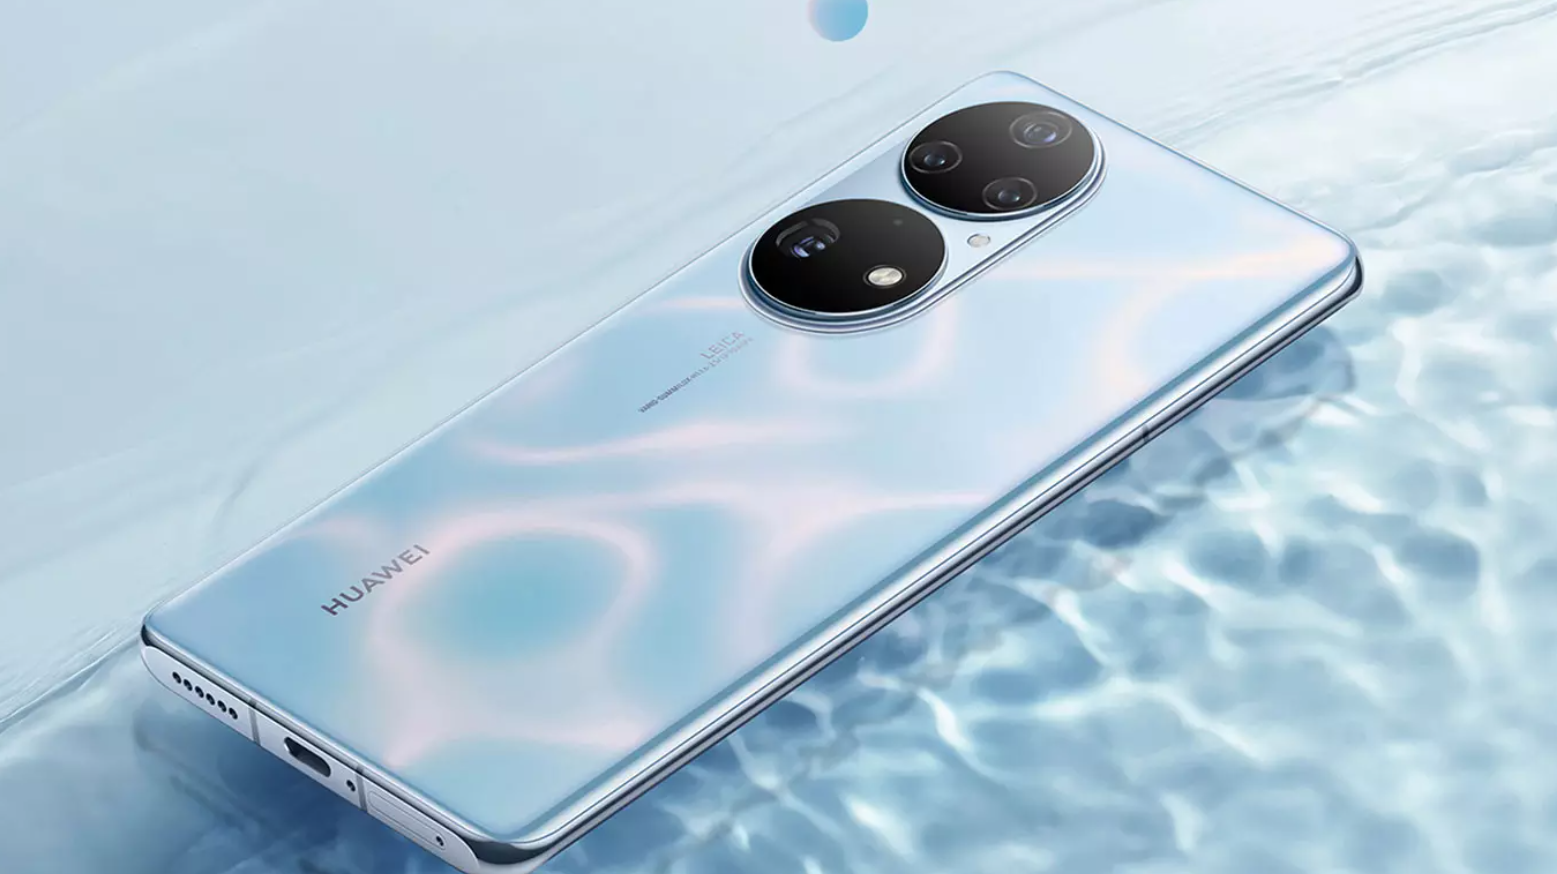 消息称华为nova 9将支持5G,9月发售,性能不如荣耀50